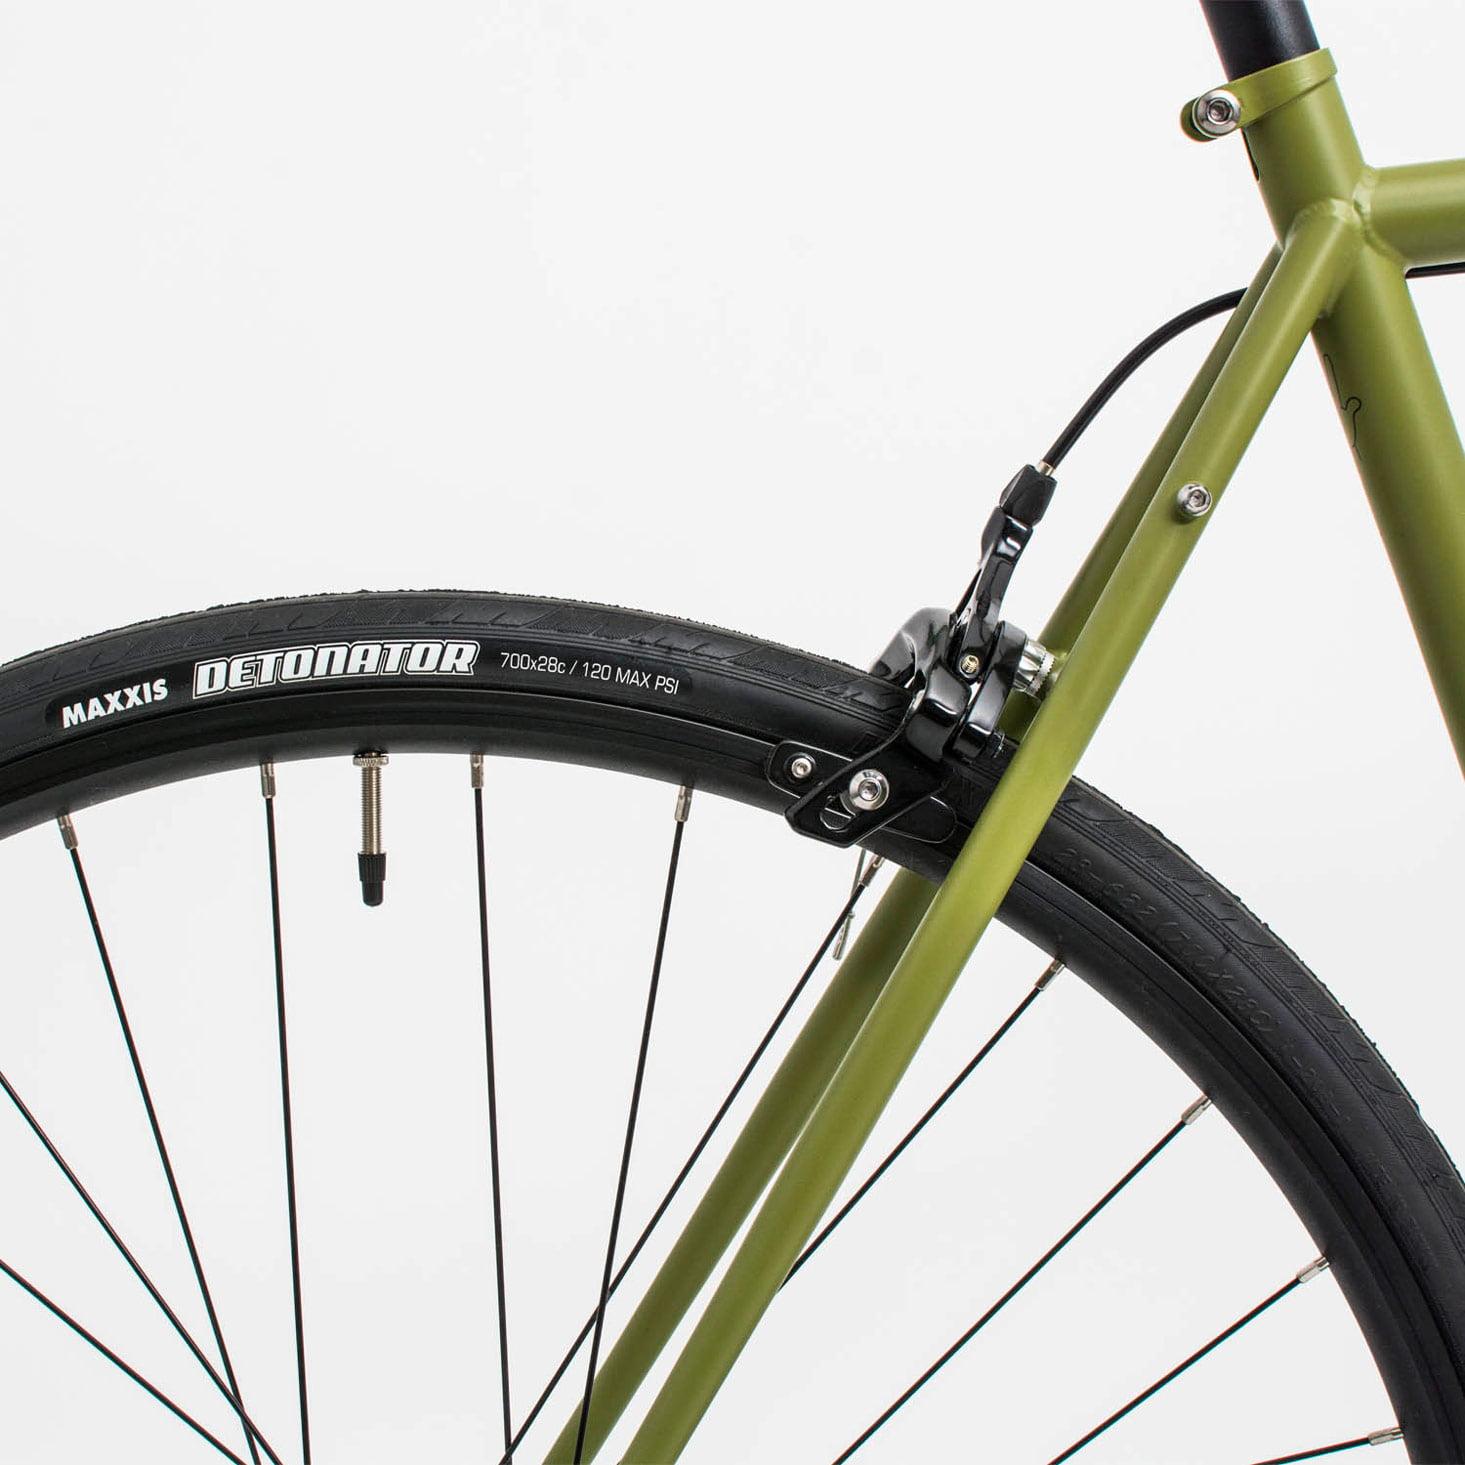 Landyachtz_Spitfire_Olive_Single_Speed_Bikes_6_DSC4854